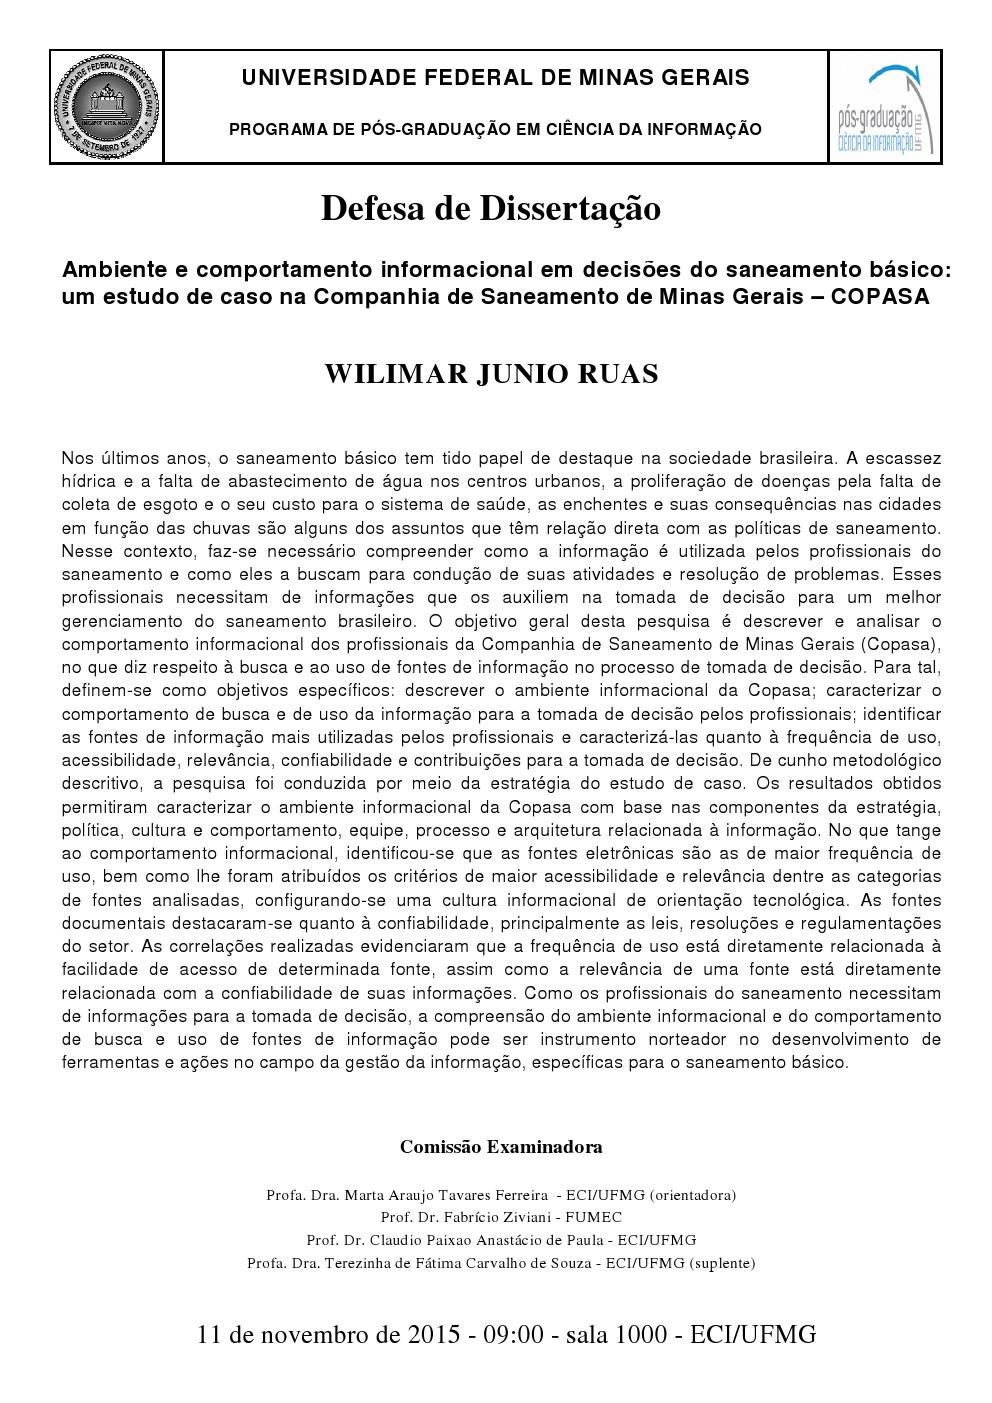 Defesa Wilimar Junio Ruas